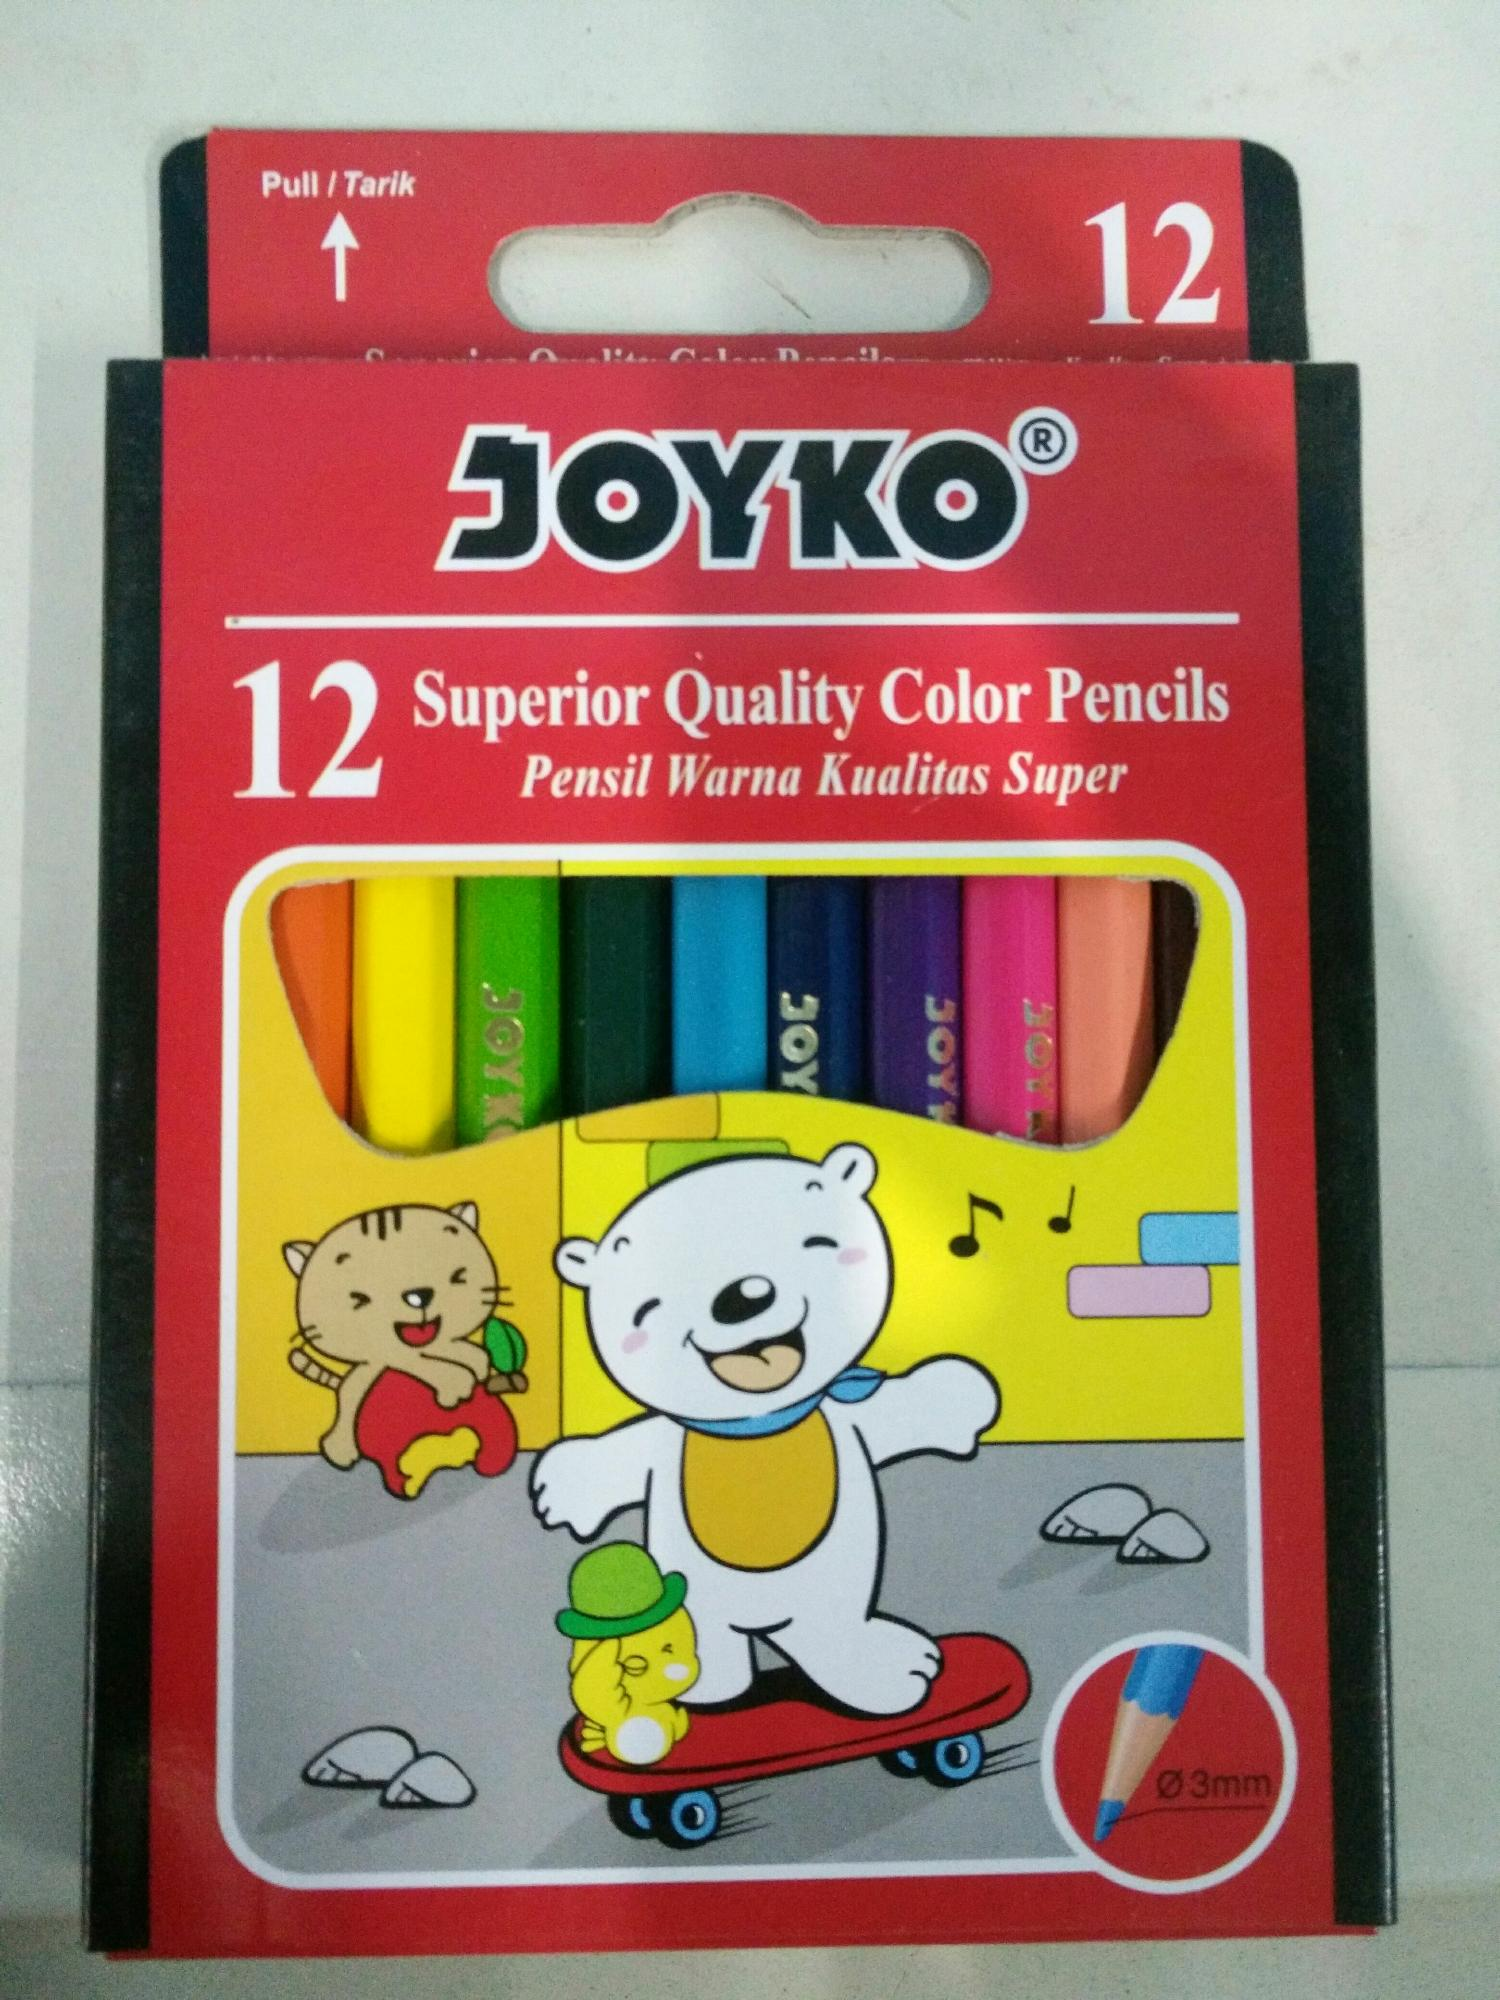 Jual Pensil 12 Warna Murah Garansi Dan Berkualitas Id Store Kenko Kecil Joyko Isi Pendekidr6500 Rp 7500